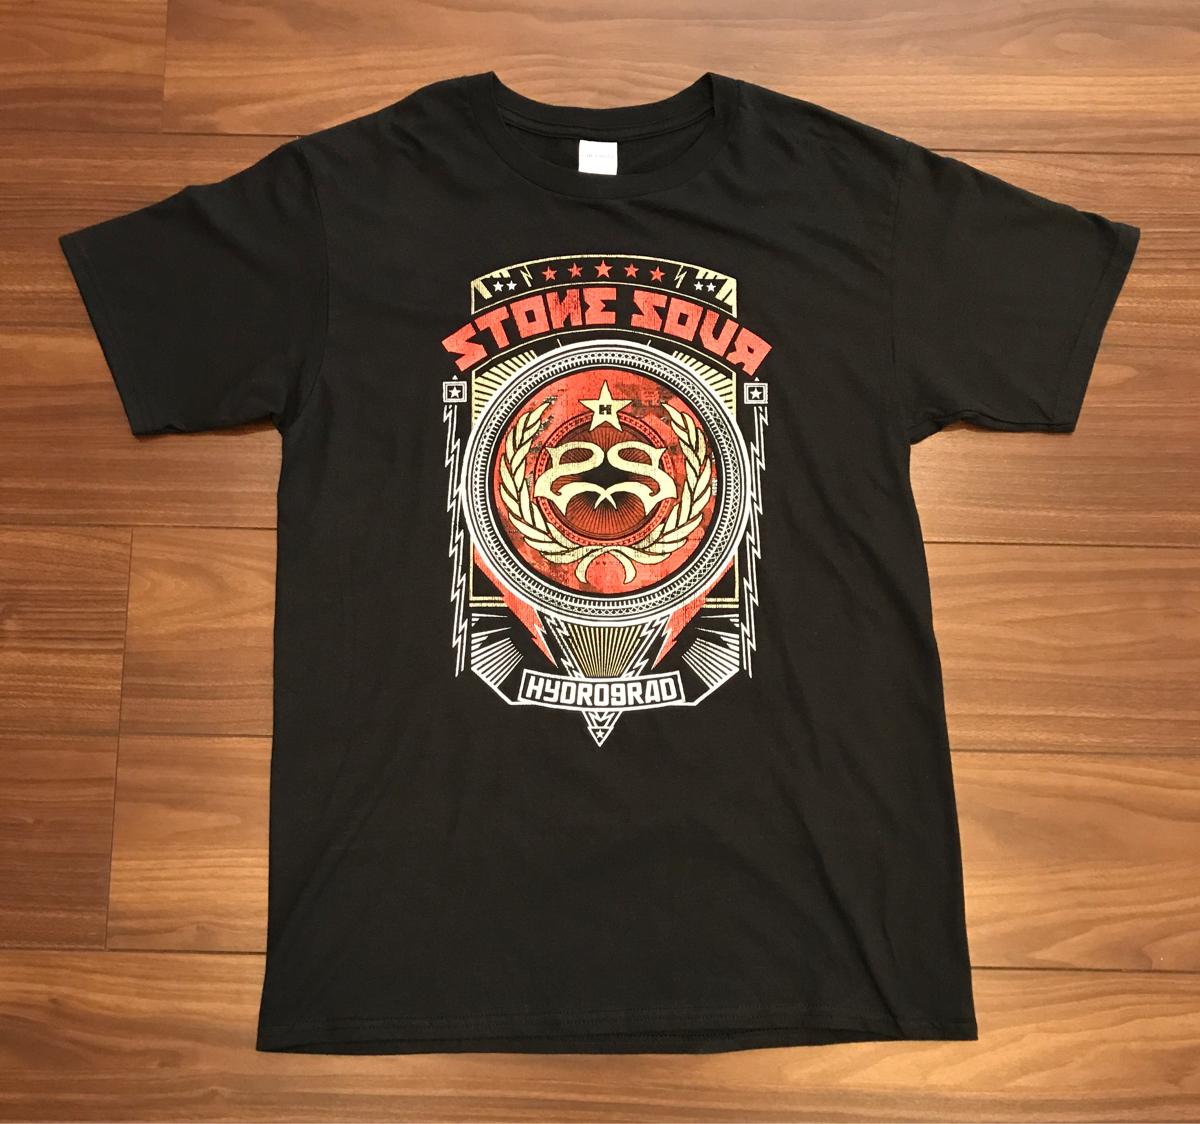 新品 ストーンサワー stonesour Tシャツ Mサイズ スリップノット slipknot ノットフェス knotfest オズフェス ozzfest 映画 CD DVD グッズ